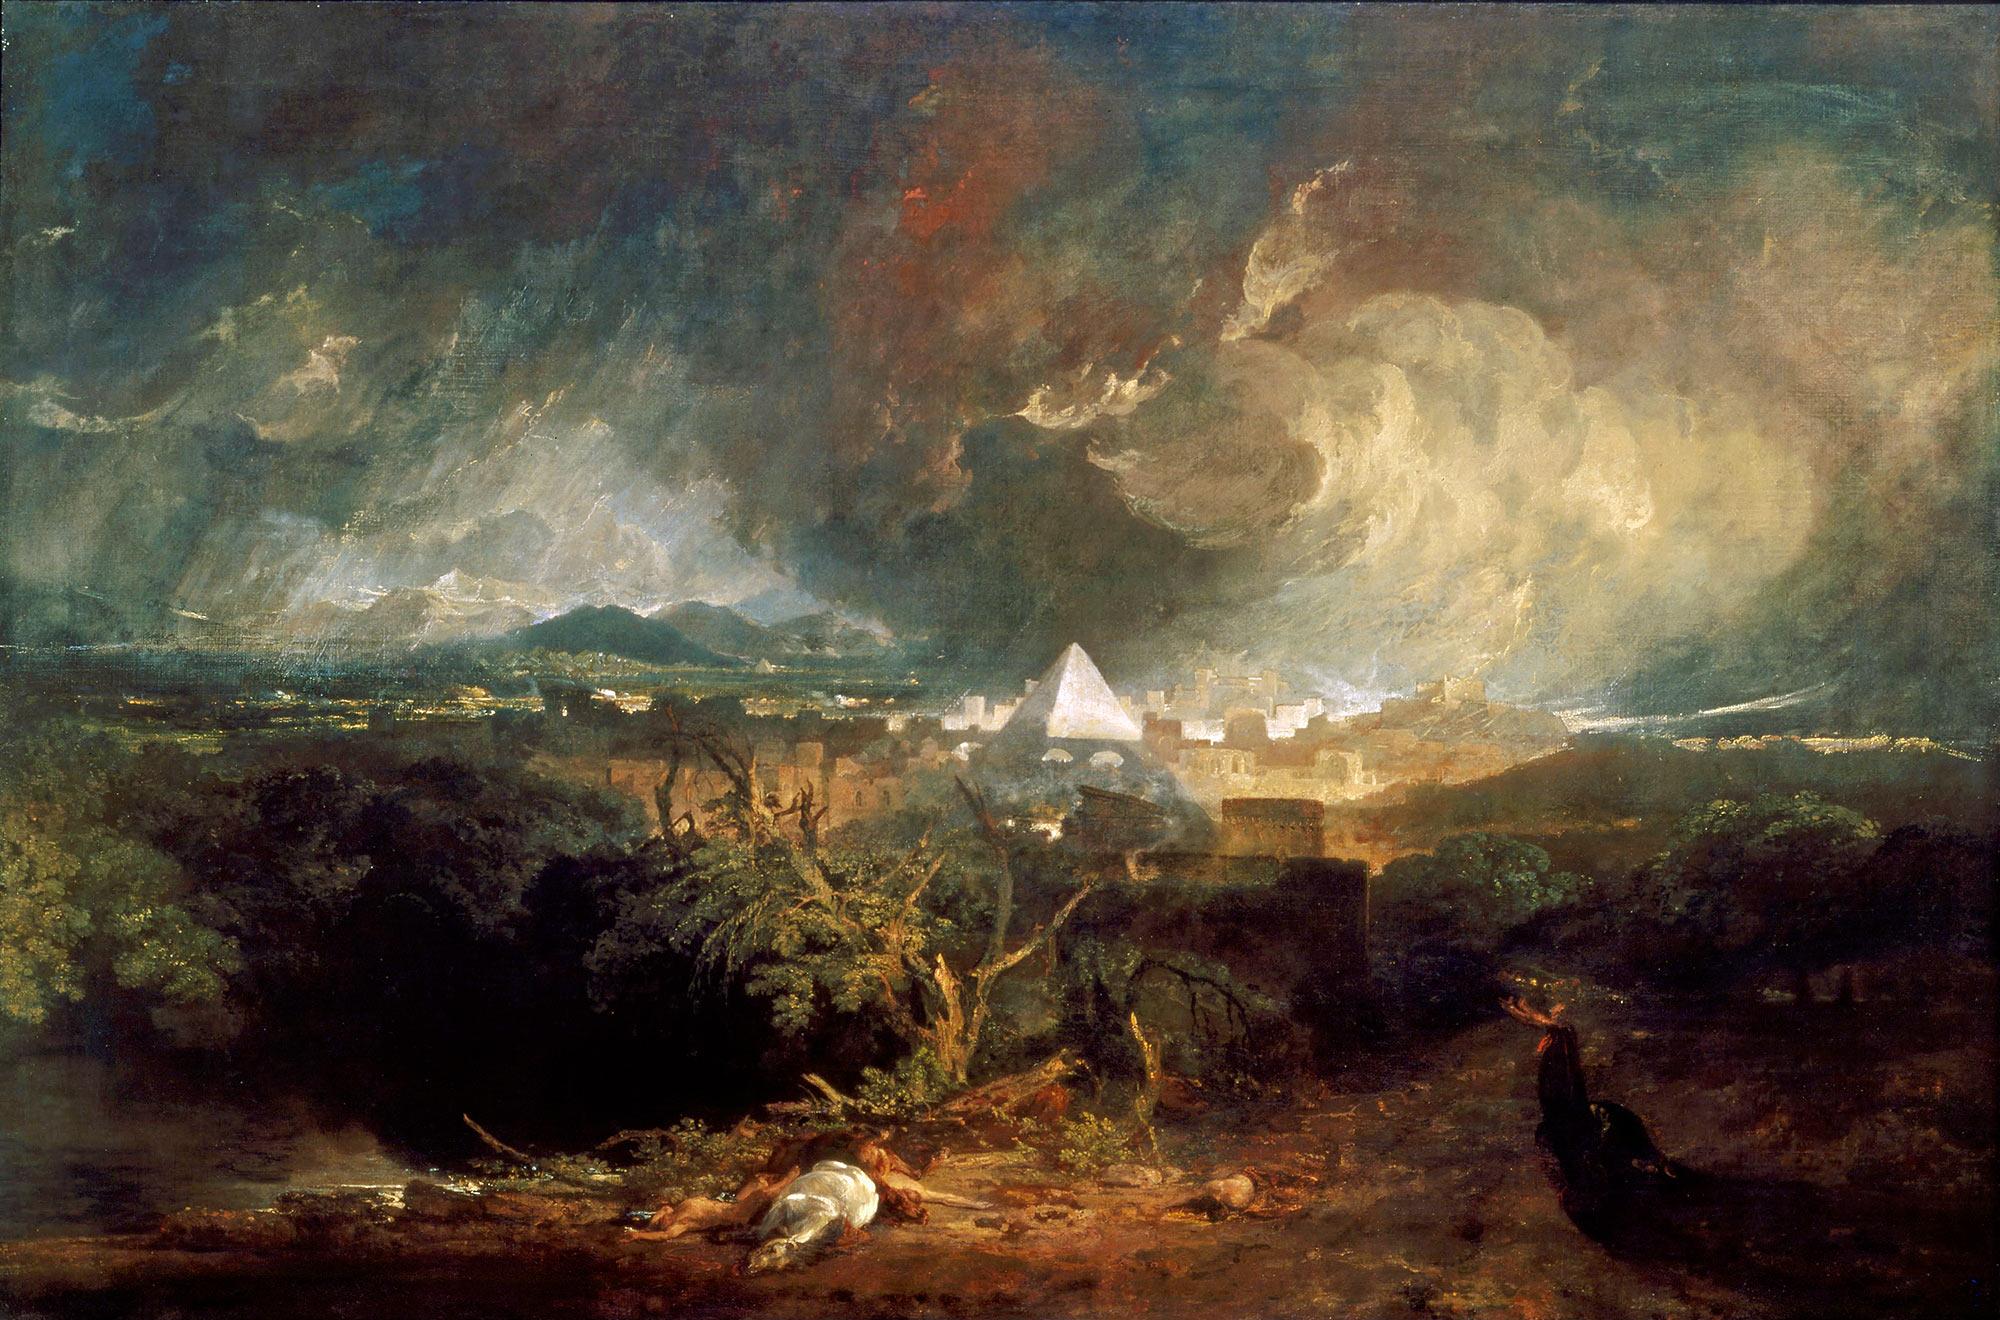 картина < Пятое мучение Египта, чума >:: Уильям Тёрнер ( William Turner ) - Тёрнер Уйльям фото